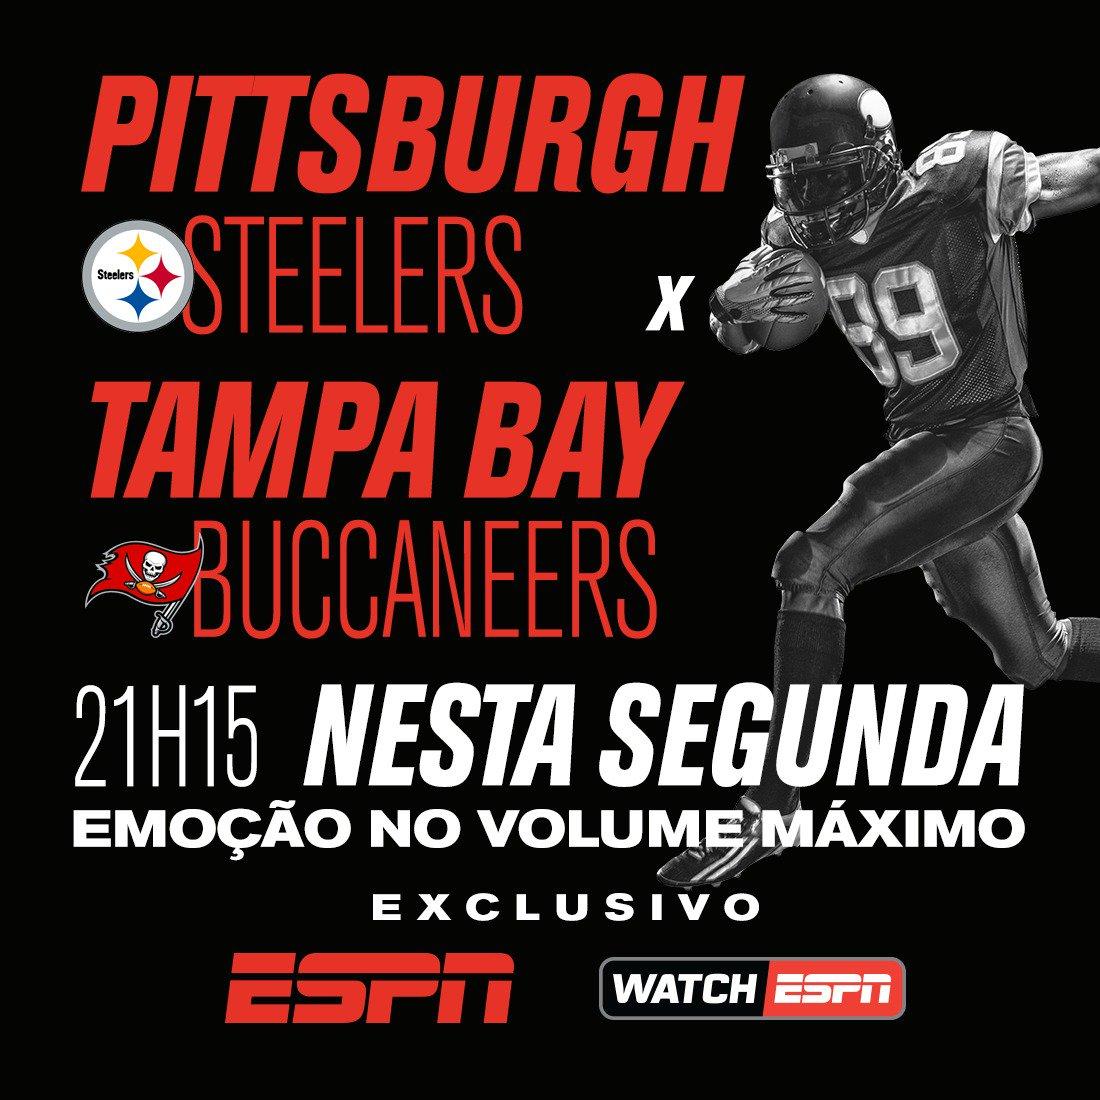 SEGUNDA DE NFL! 🏈🔥  HOJE, Pittsburgh Steelers e Tampa Bay Buccaneers se enfrentam pela semana 3 da NFL. Assista à partida AO VIVO e EXCLUSIVO, às 21h15, na ESPN e WatchESPN!  #NFLnaESPN